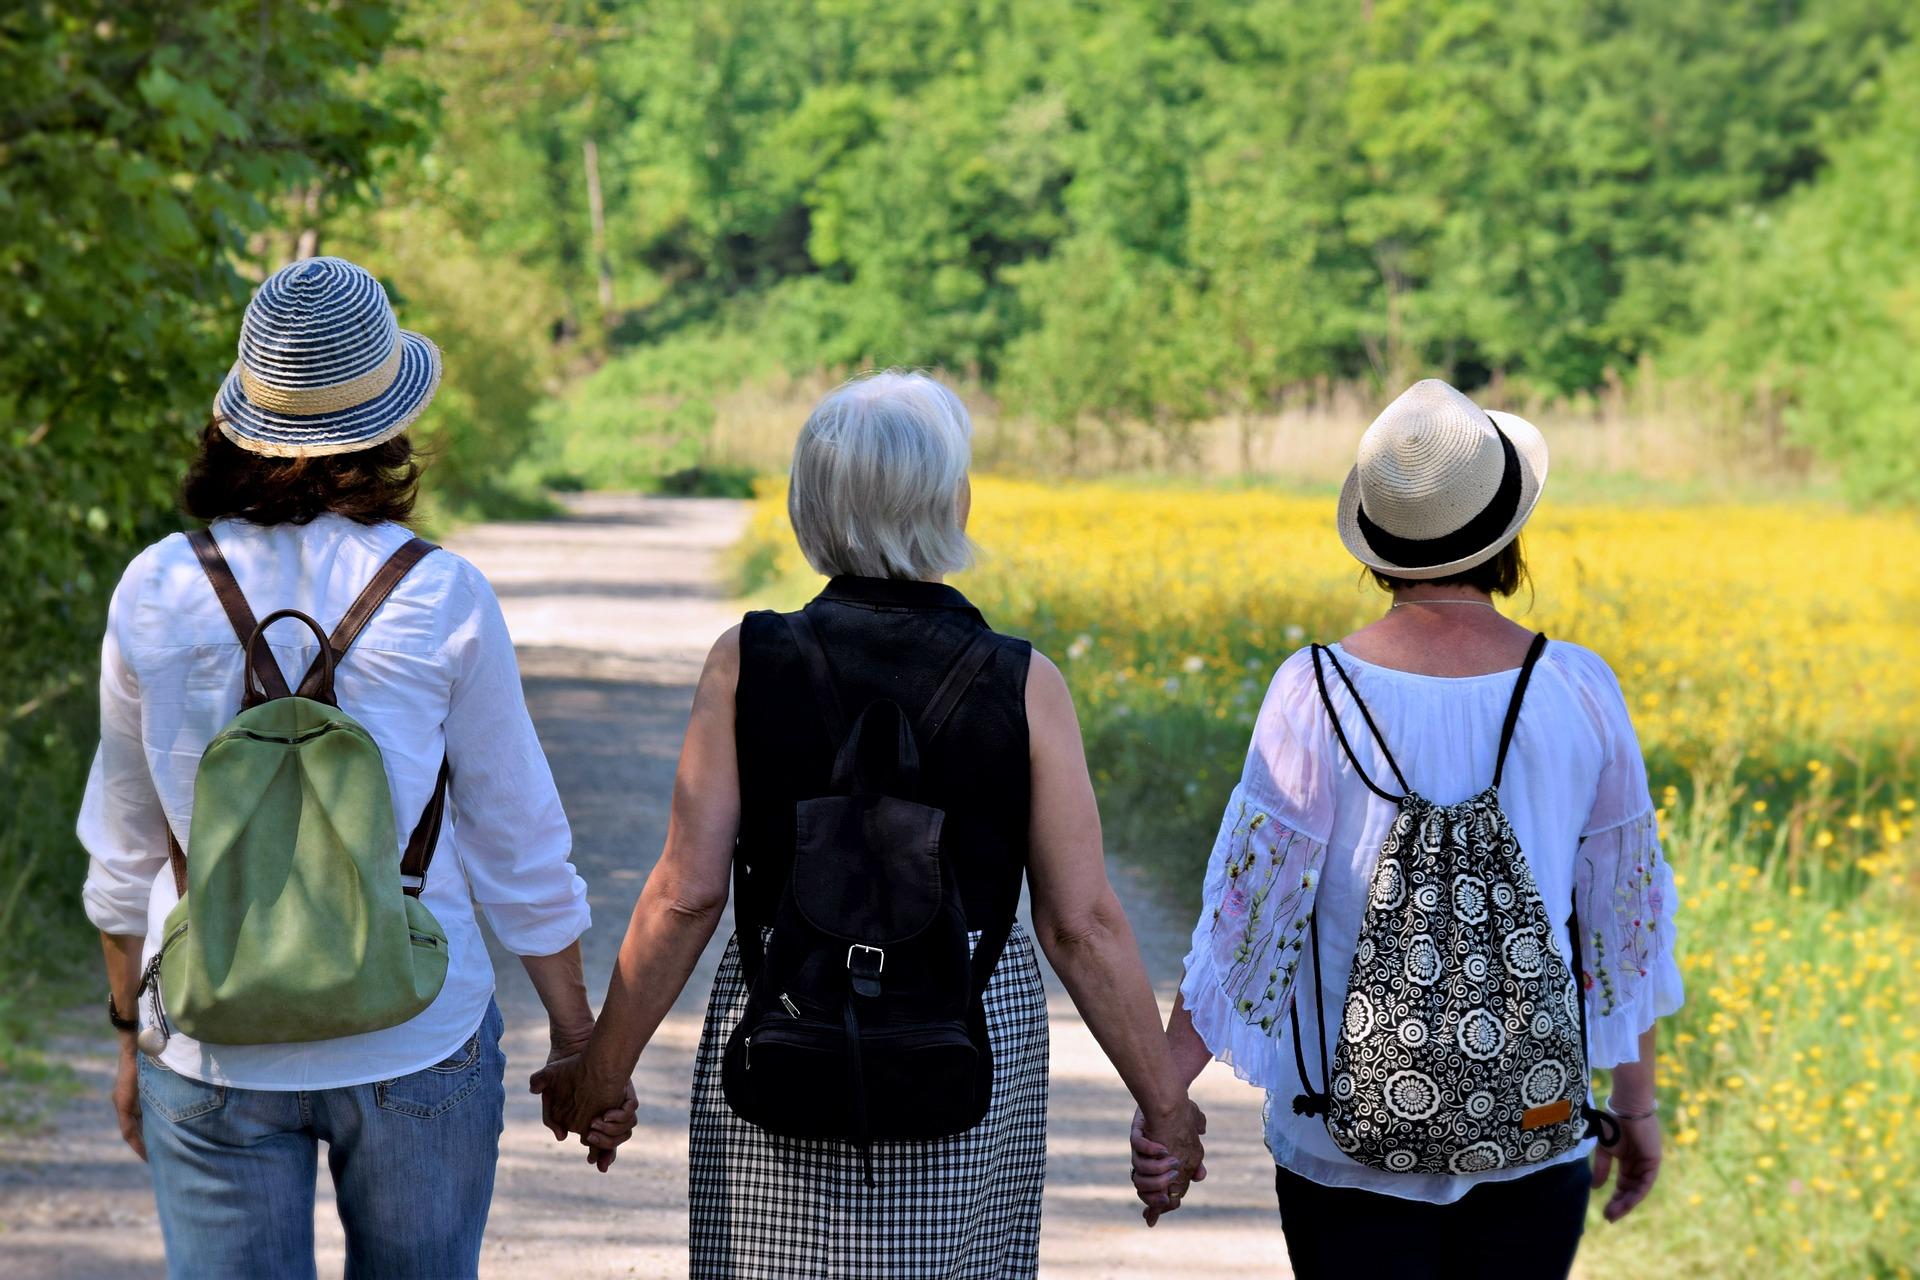 kolme naista kävelee luonnossa käsikkäin